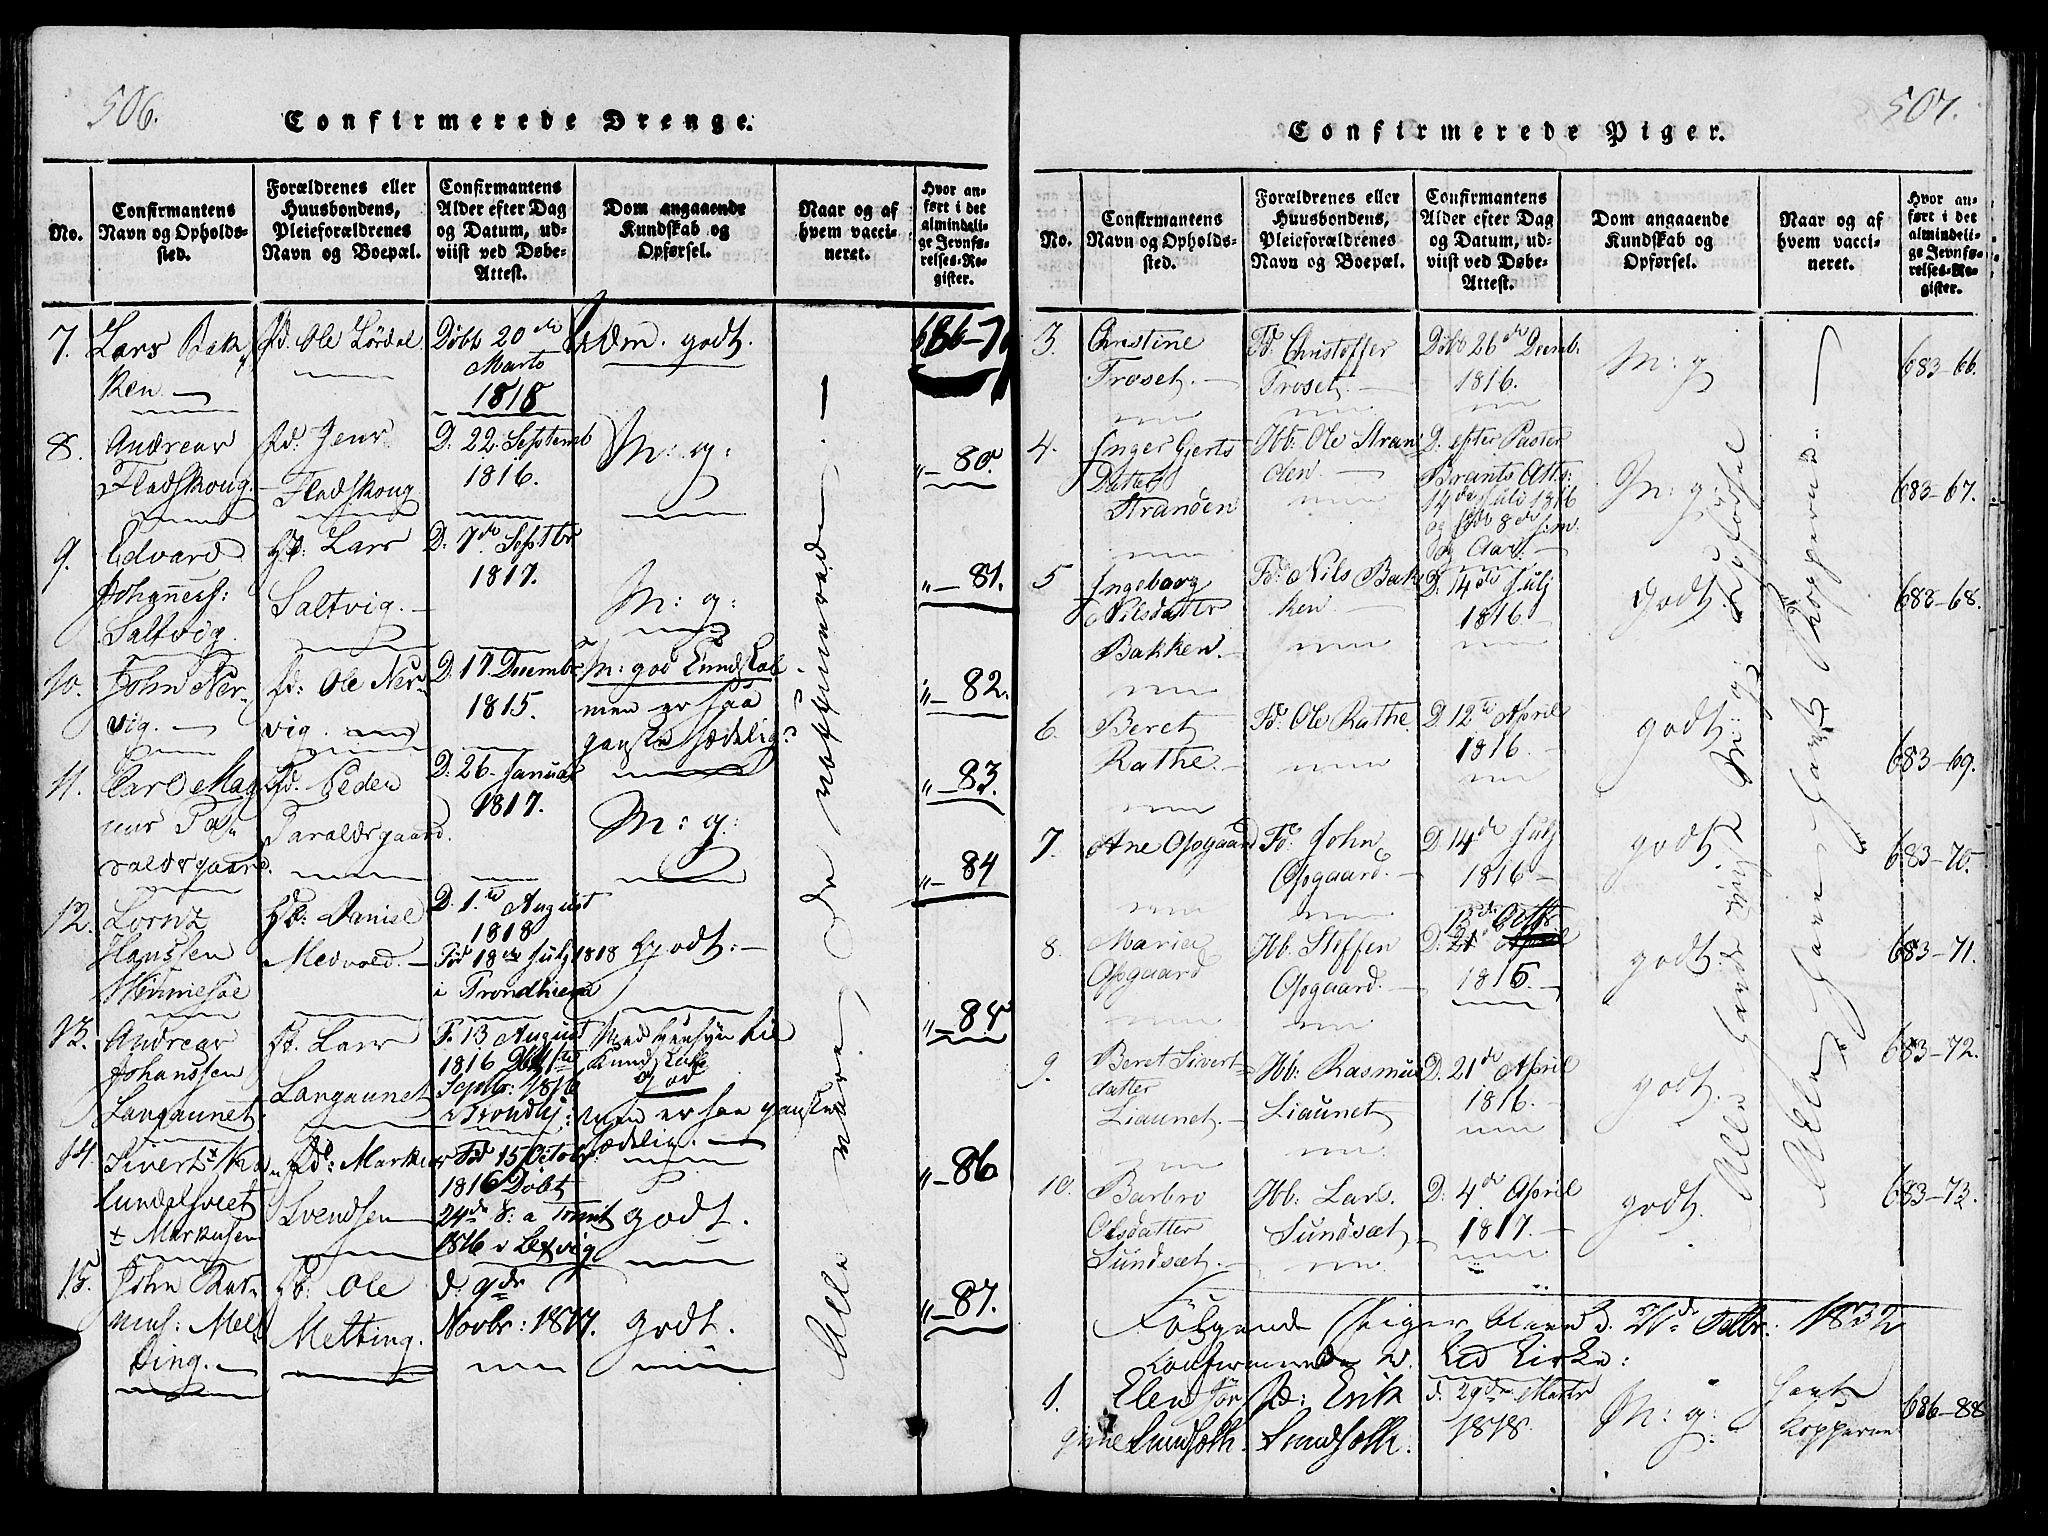 SAT, Ministerialprotokoller, klokkerbøker og fødselsregistre - Nord-Trøndelag, 733/L0322: Ministerialbok nr. 733A01, 1817-1842, s. 506-507